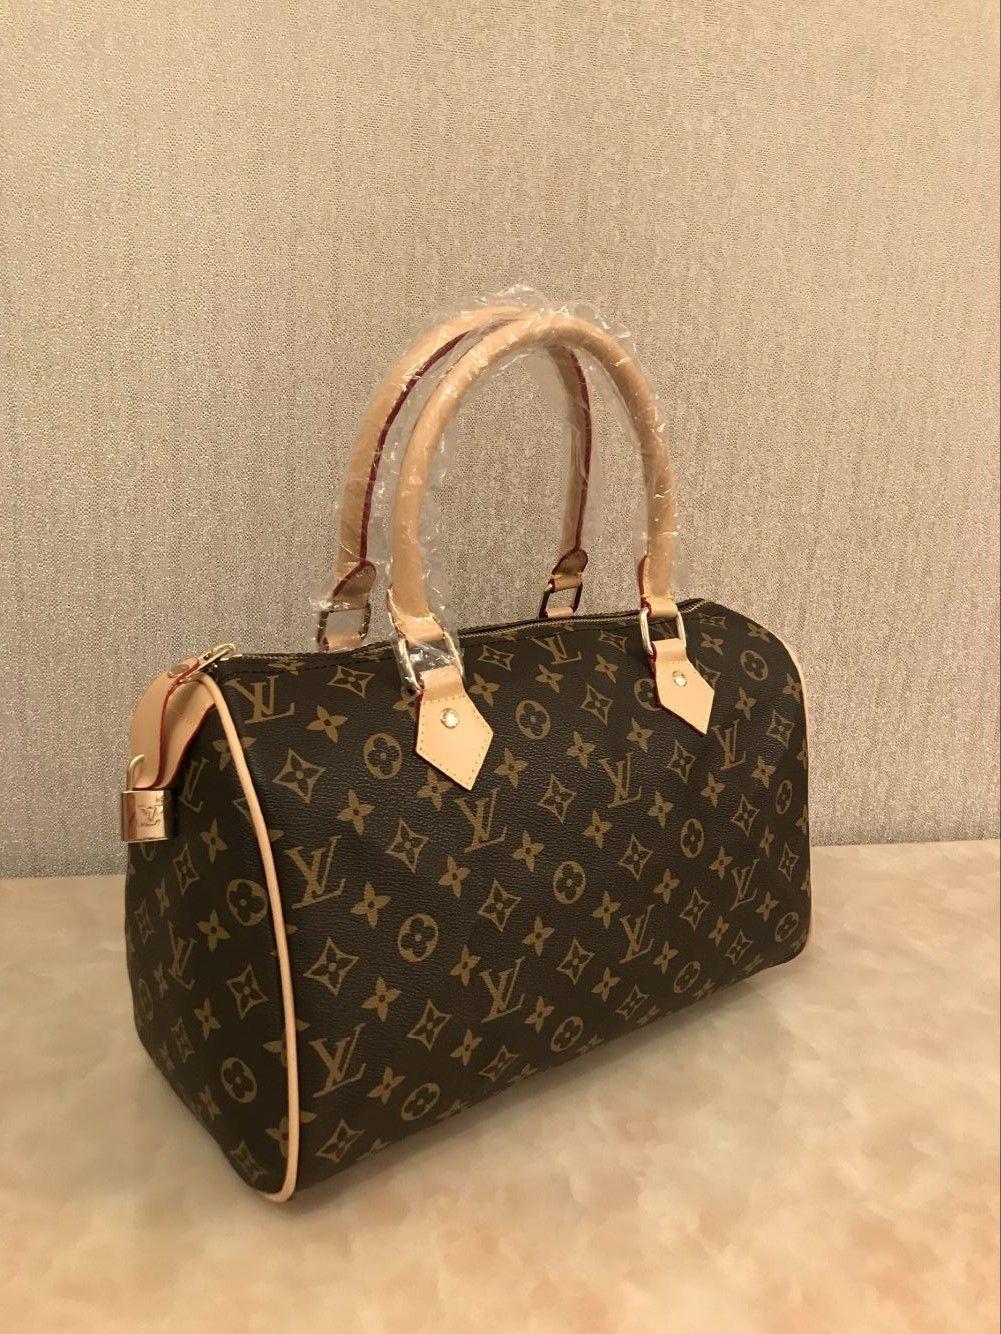 2020 new designer bag, snake-embossed leather fashion ladies bag chain, messenger bag designer designer messenger bag#009